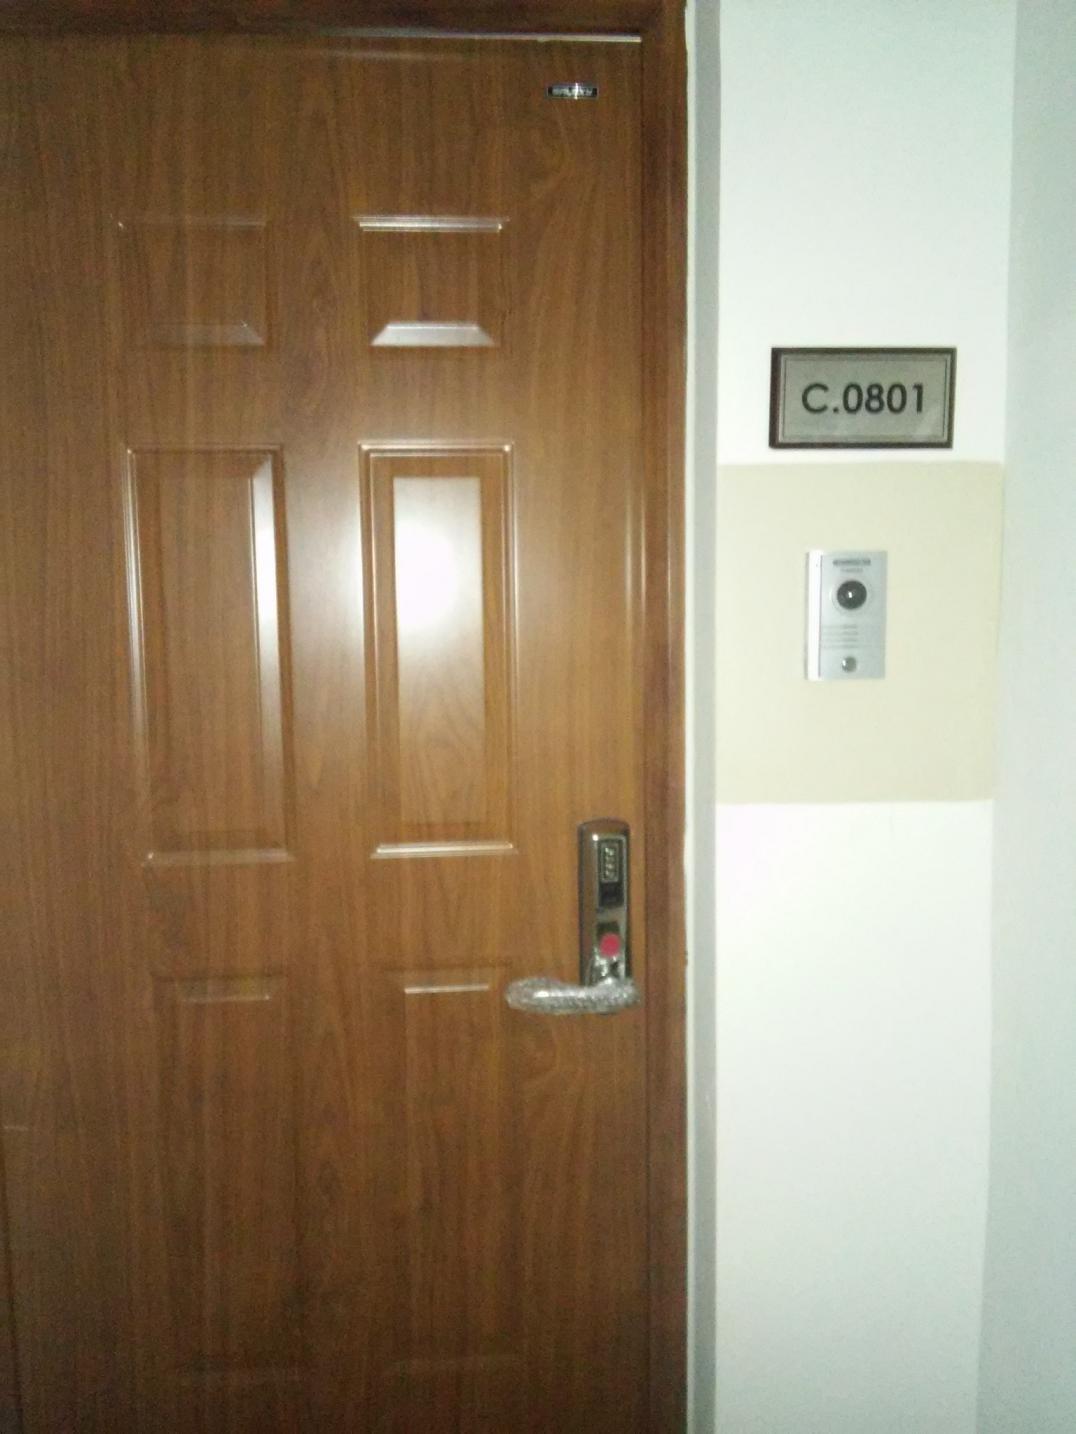 Khóa cửa Adel US3-8908 Chuyên lắp cho chung cư N04 Hoàng Đạo Thúy